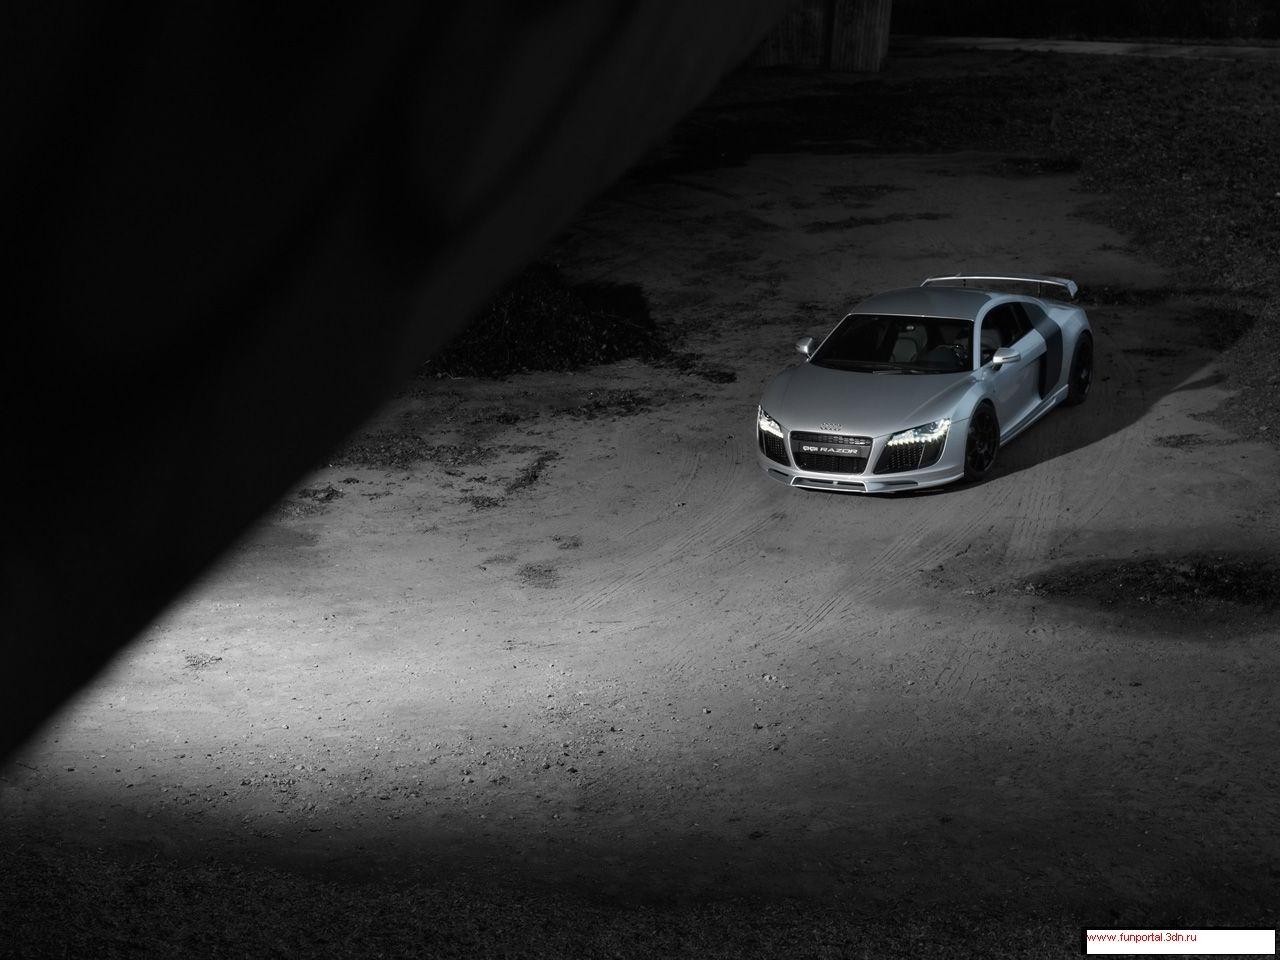 5967 скачать обои Транспорт, Машины, Ауди (Audi) - заставки и картинки бесплатно